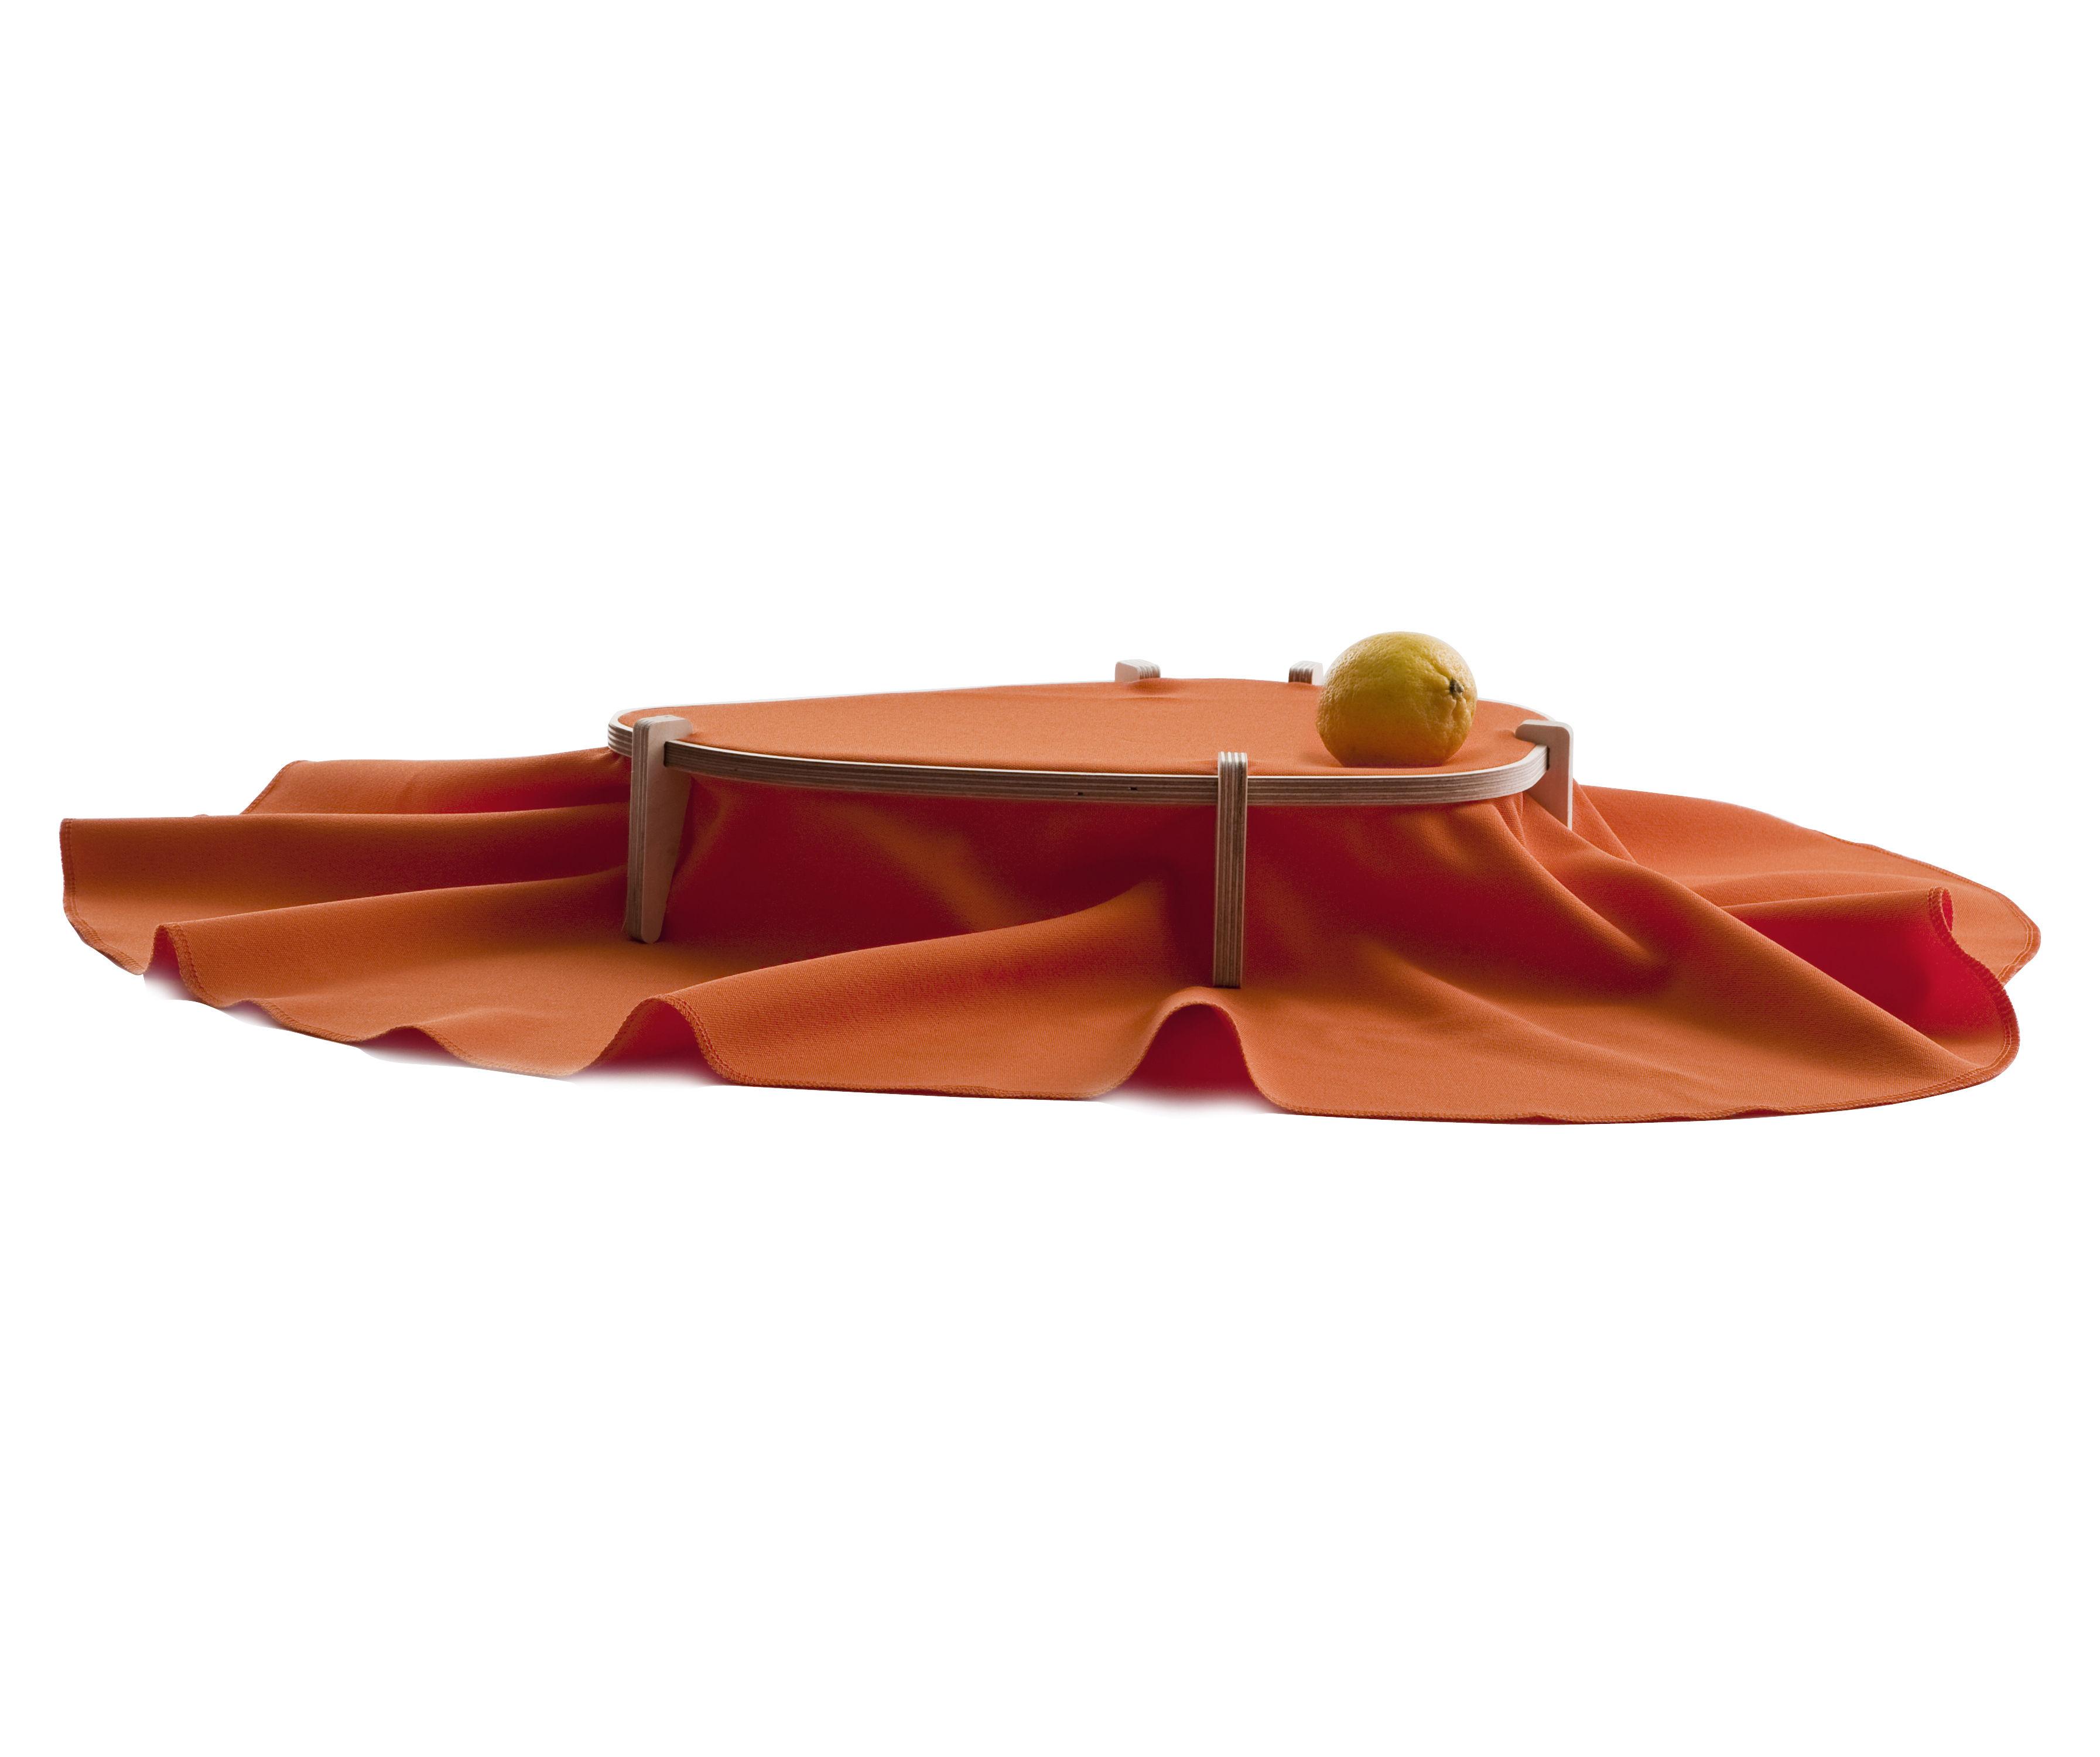 Tavola - Cesti, Fruttiere e Centrotavola - Centrotavola Dress - 65 x 35 cm - In tessuto di Moustache - Arancio mattone - Multistrato di betulla, Tessuto poliestere